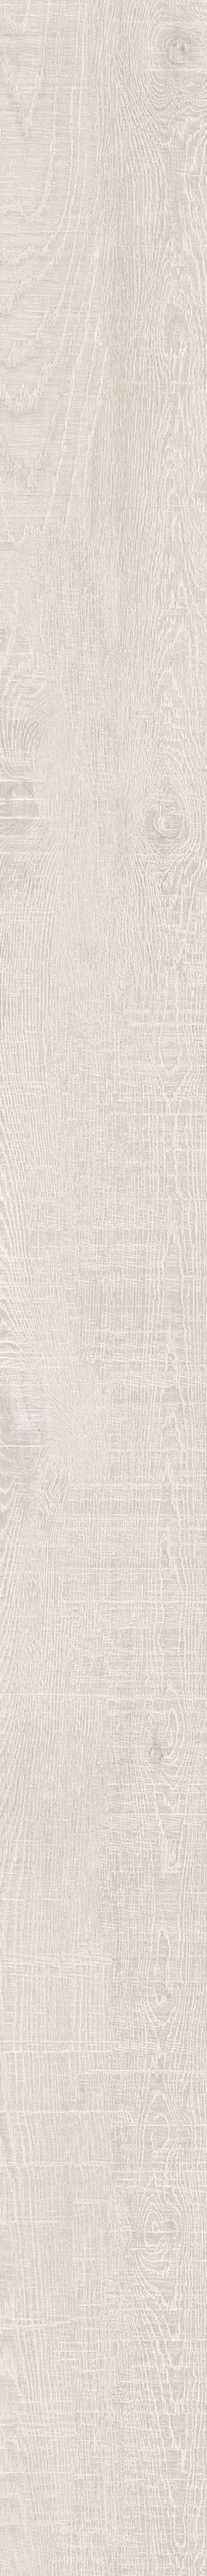 Płytka podłogowa drewnopodobna Cerrad Nickwood Bianco 20x240